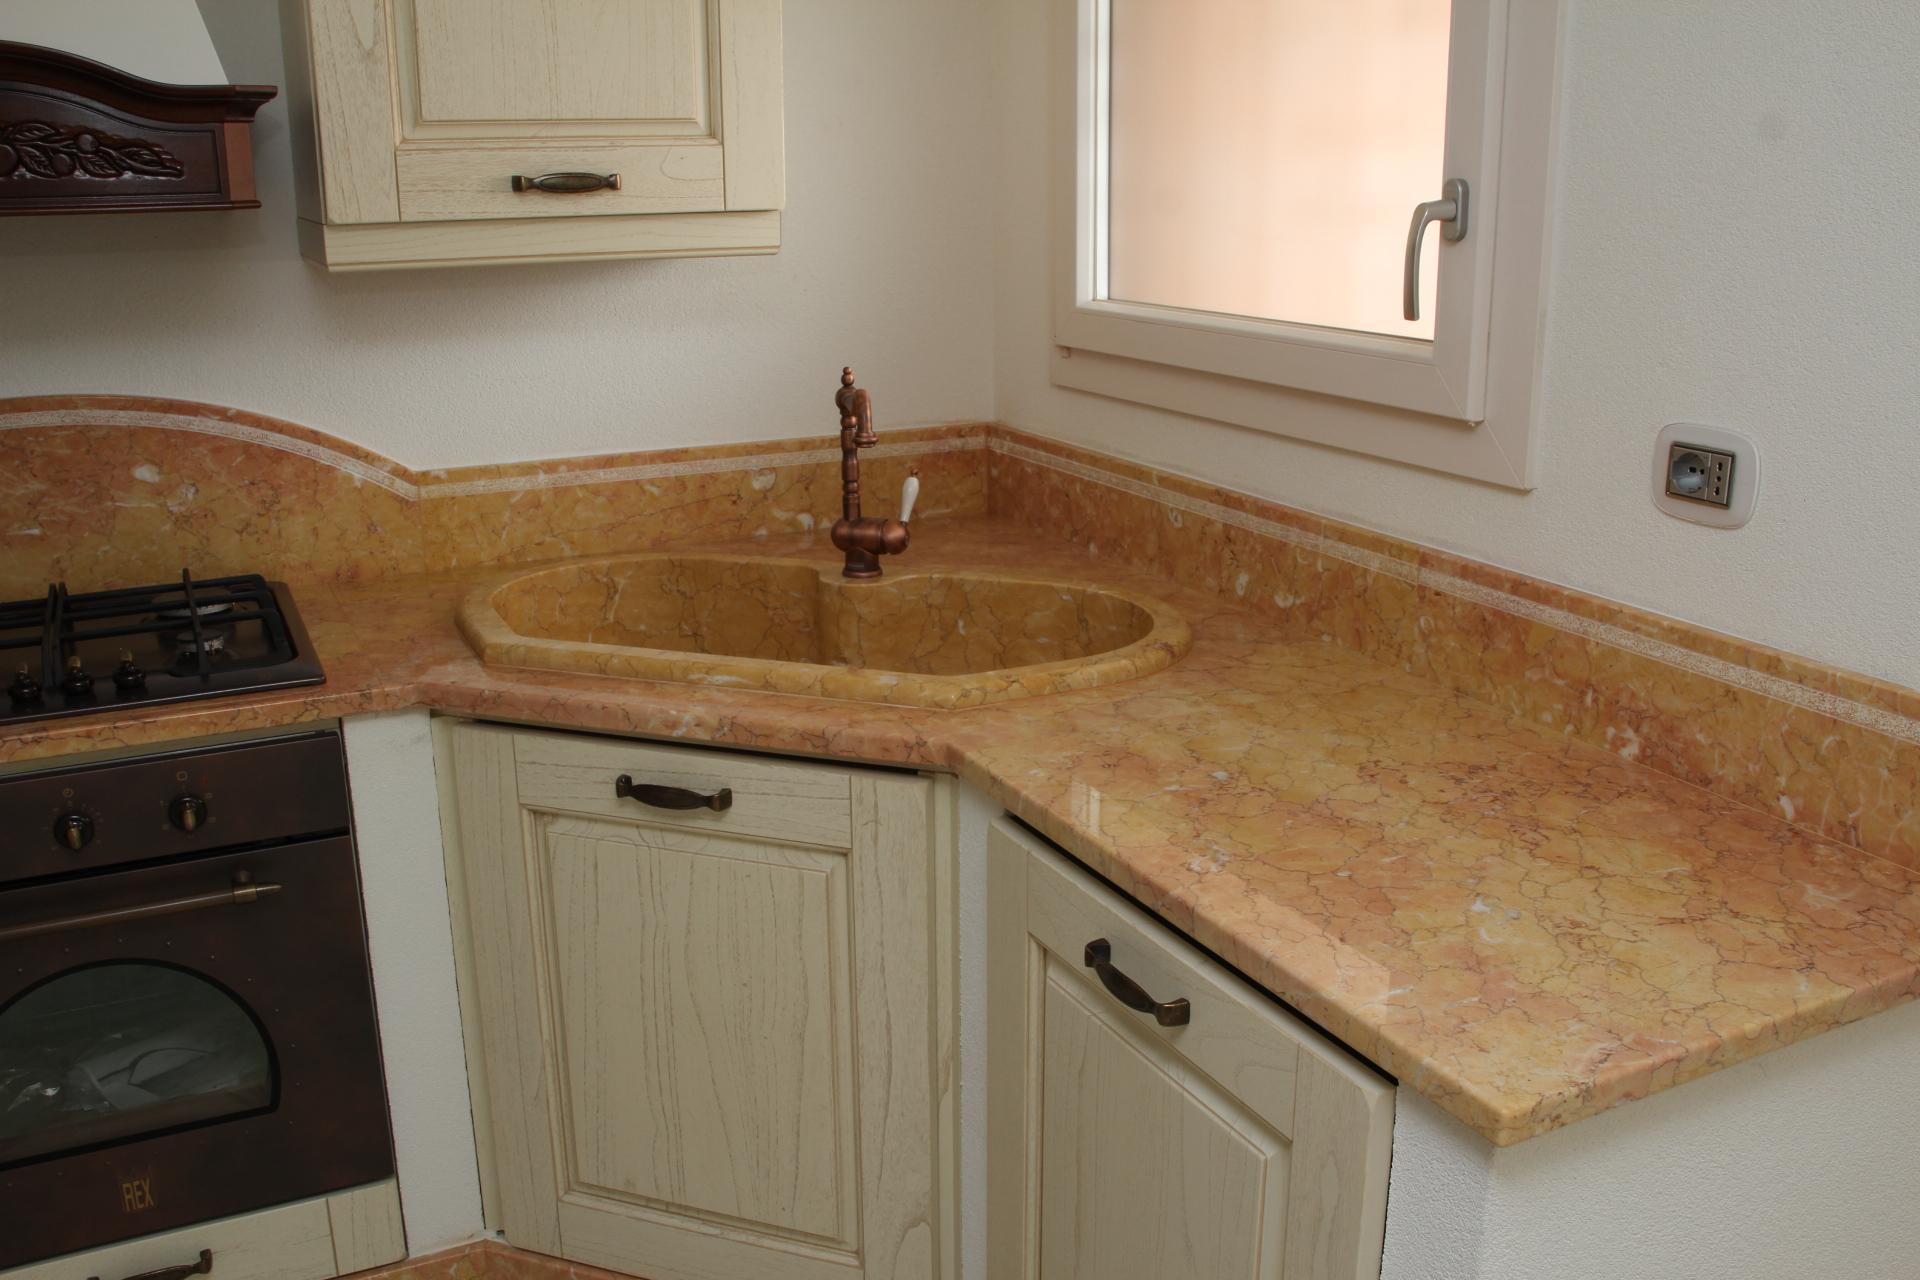 Zem marmi foto di cucine in marmo granito a prezzi bassi - Marmo piano cucina ...